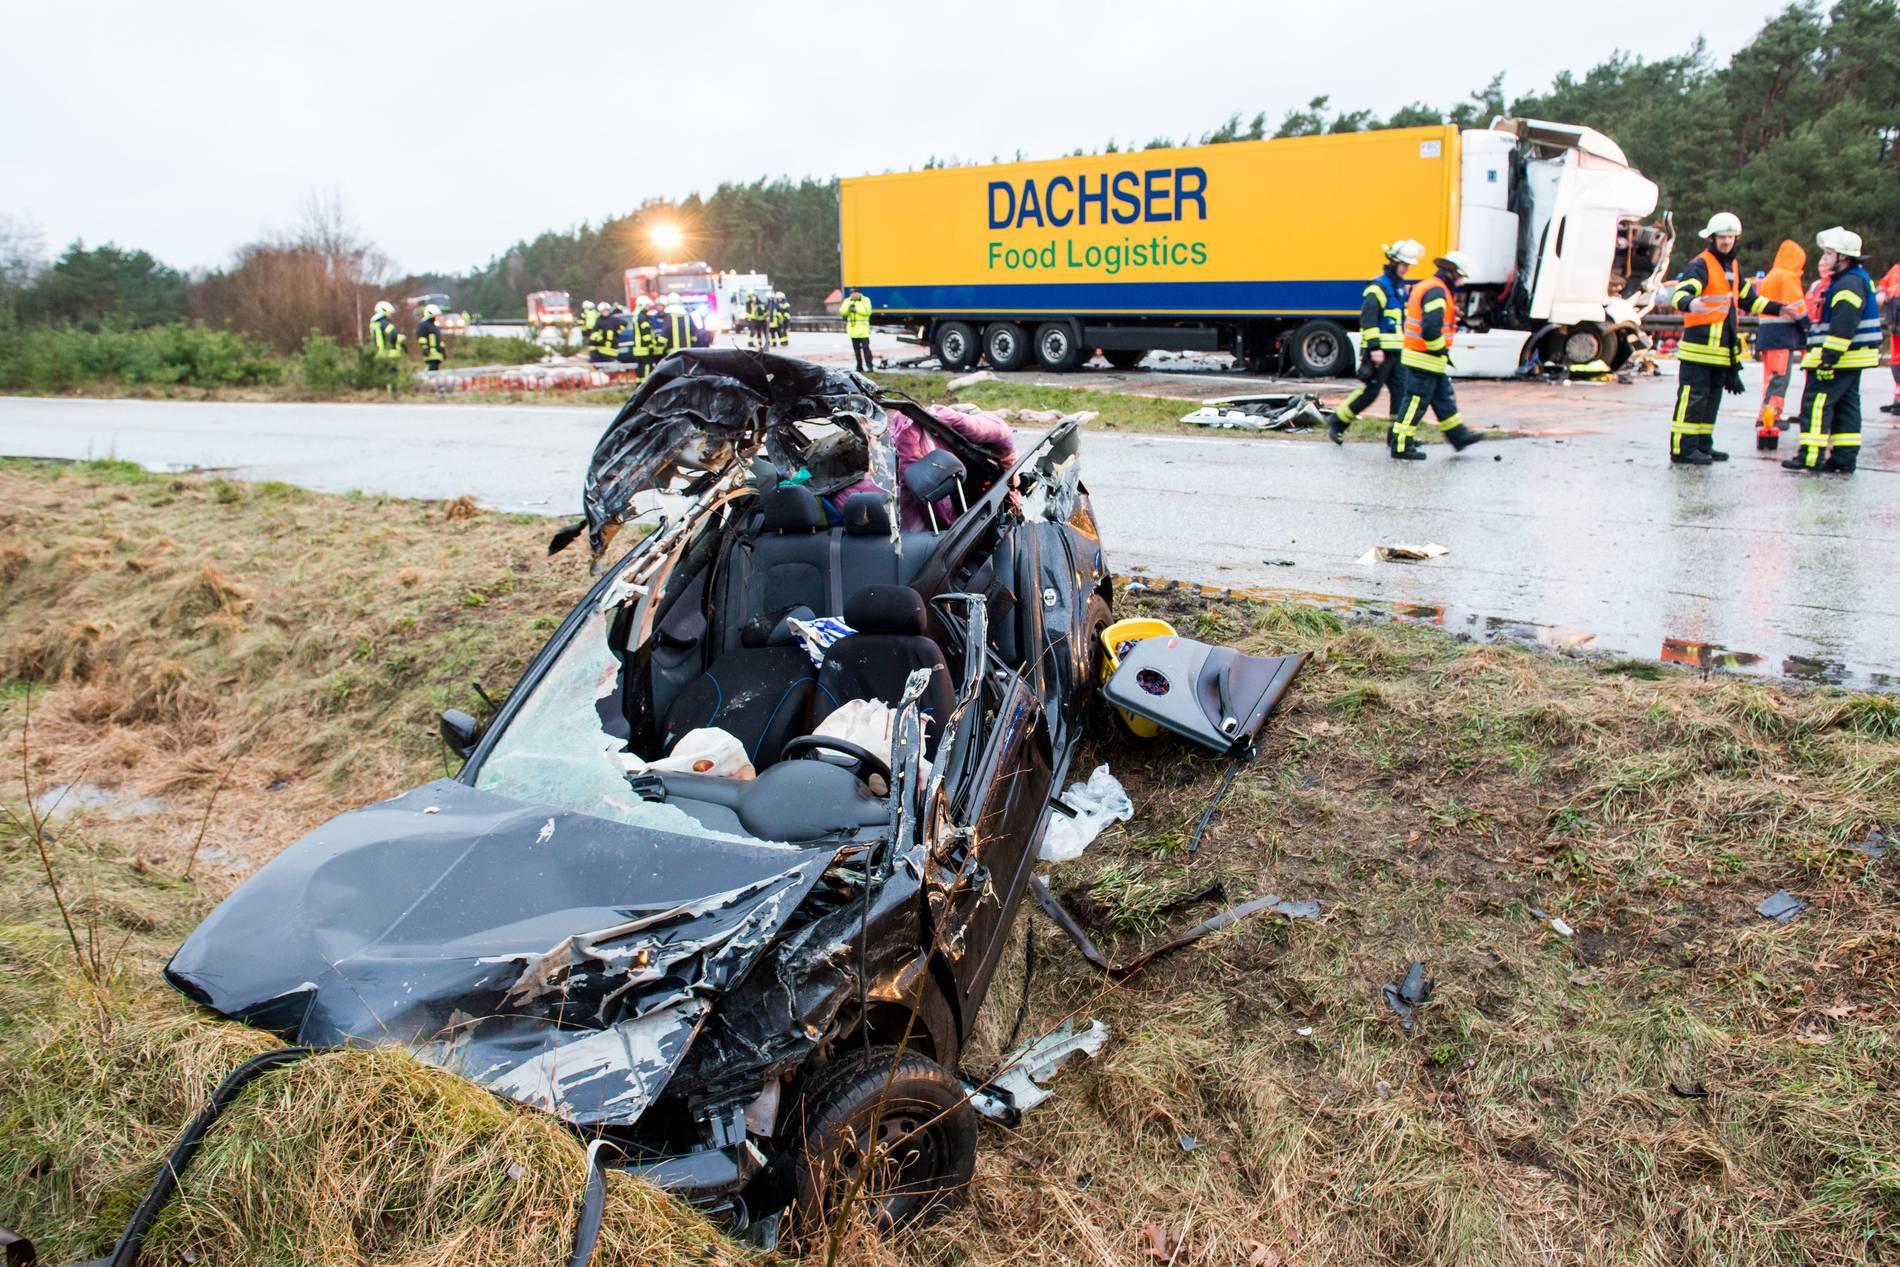 Drei Tote Bei Unfall Auf Der A24 Nach Karambolage Mit Mehreren